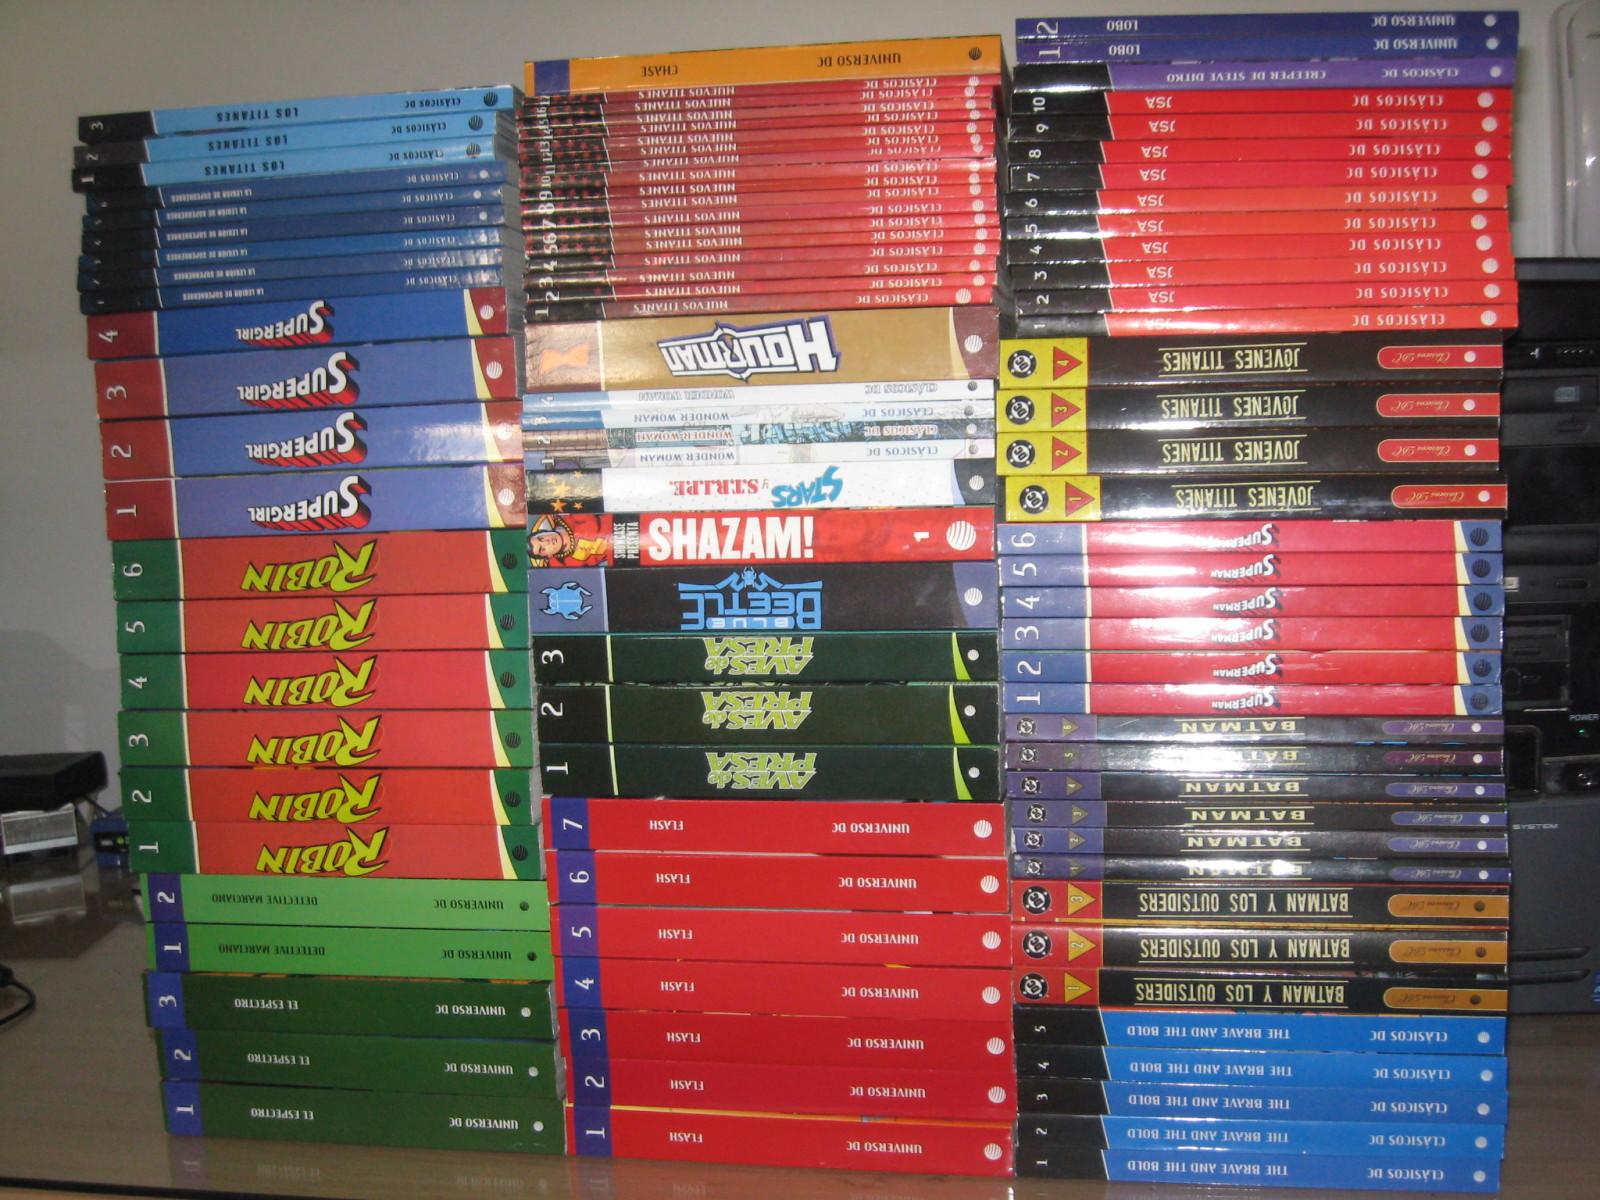 [COMICS] Colecciones de Comics ¿Quién la tiene más grande?  - Página 11 Kbbsqu